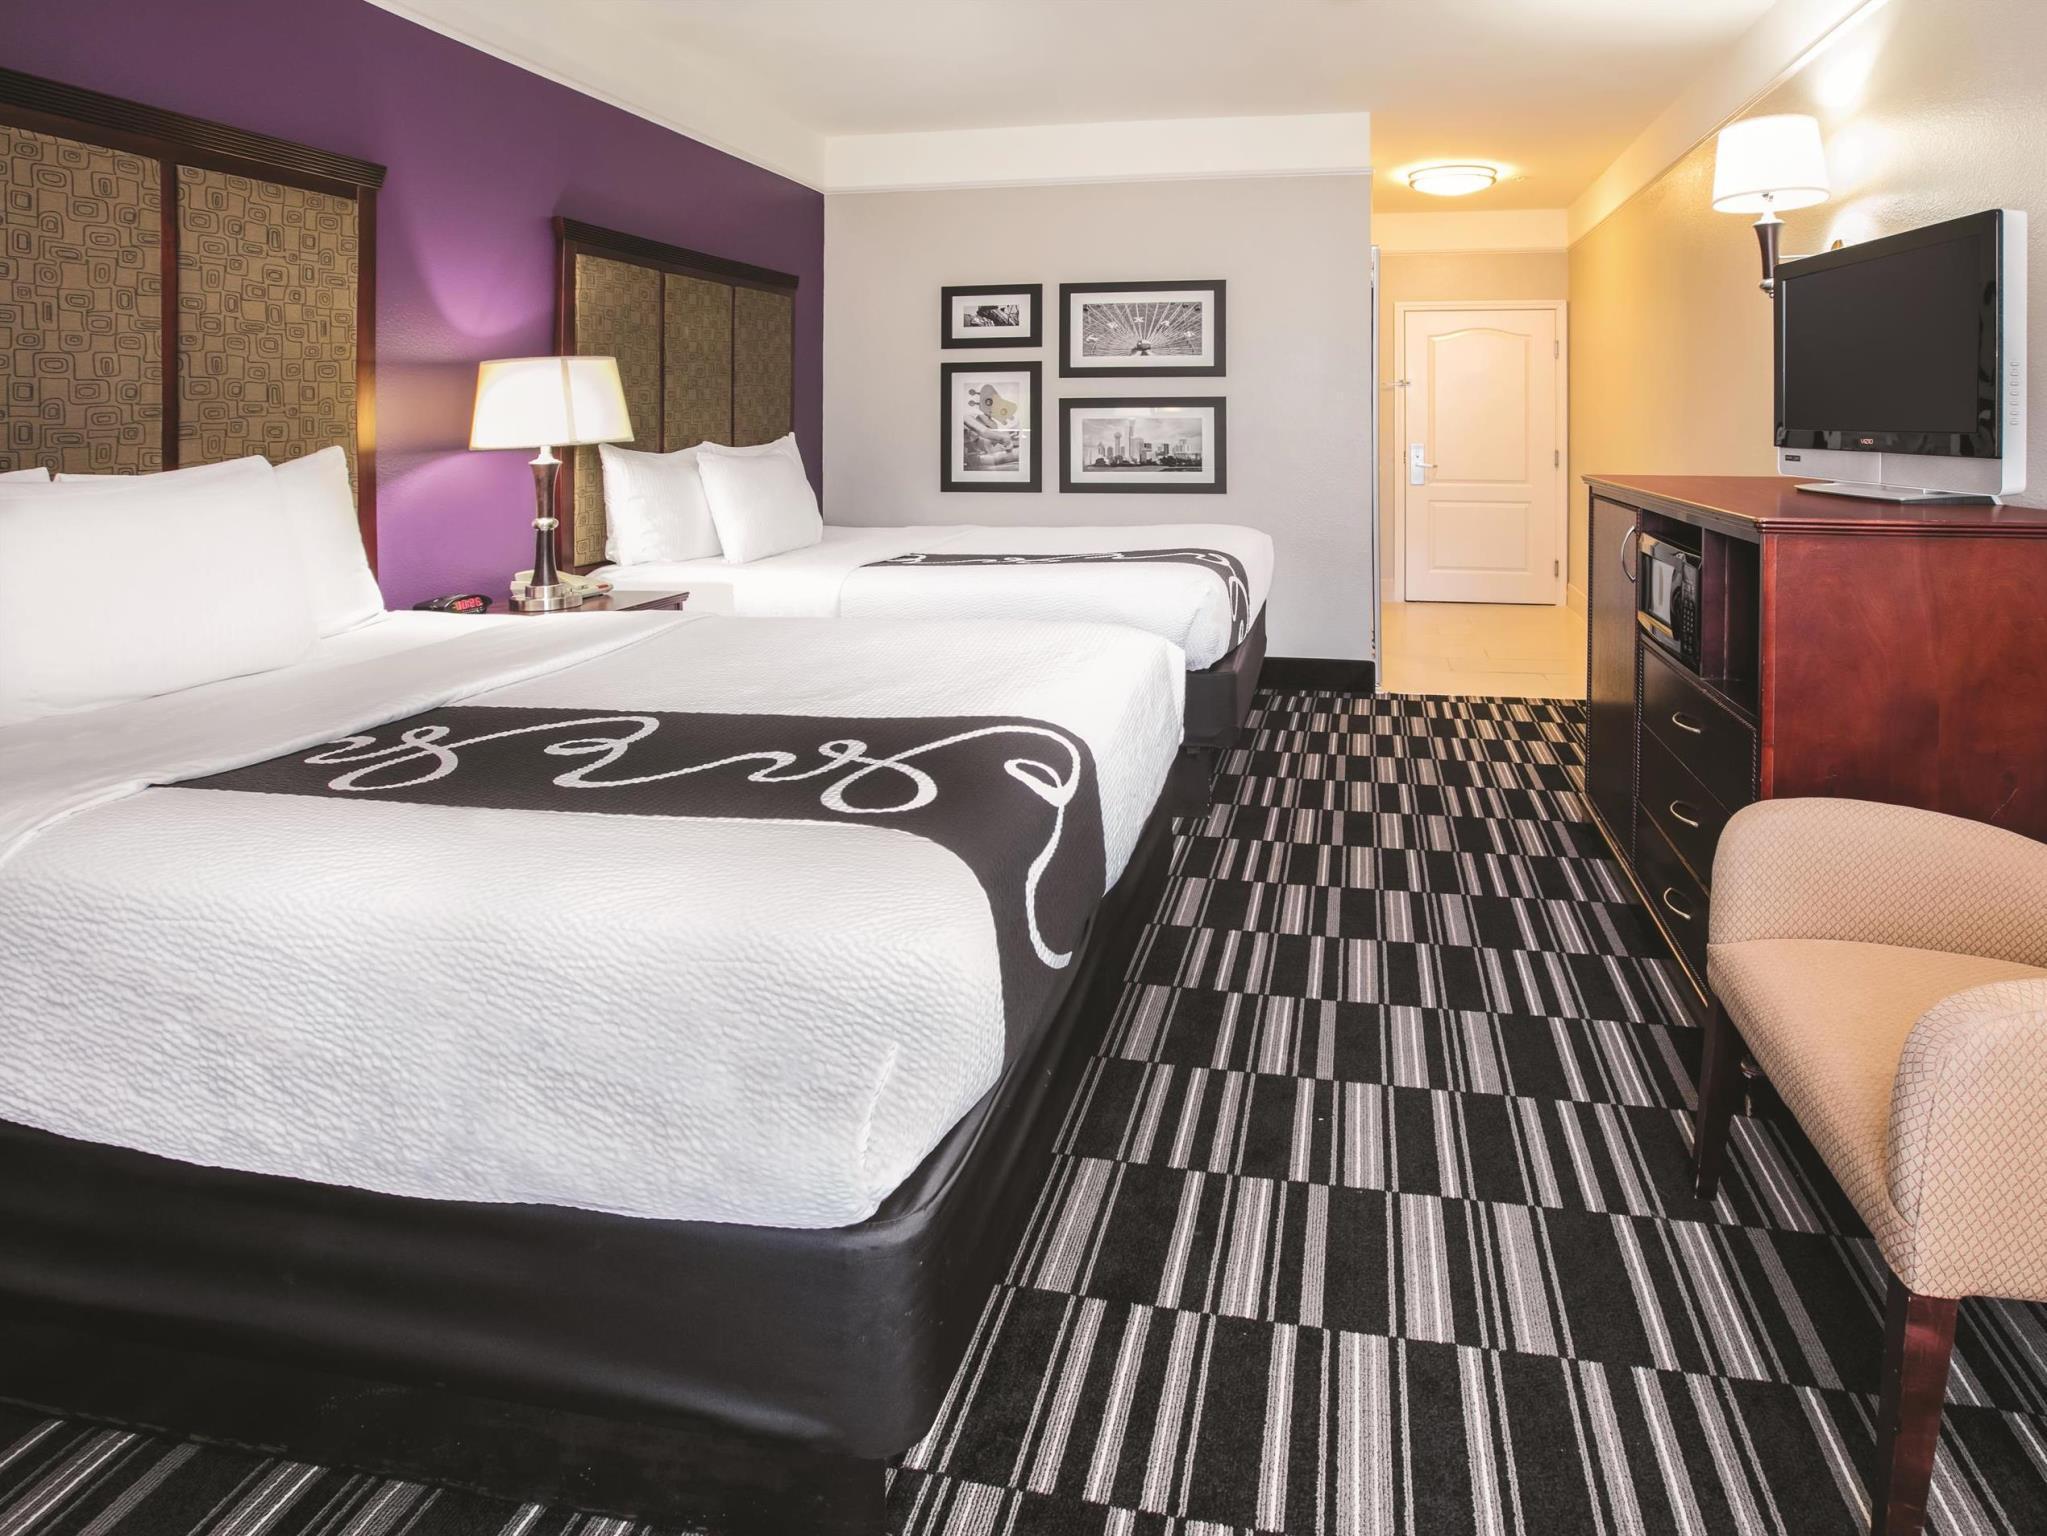 La Quinta Inn & Suites By Wyndham Dallas South DeSoto